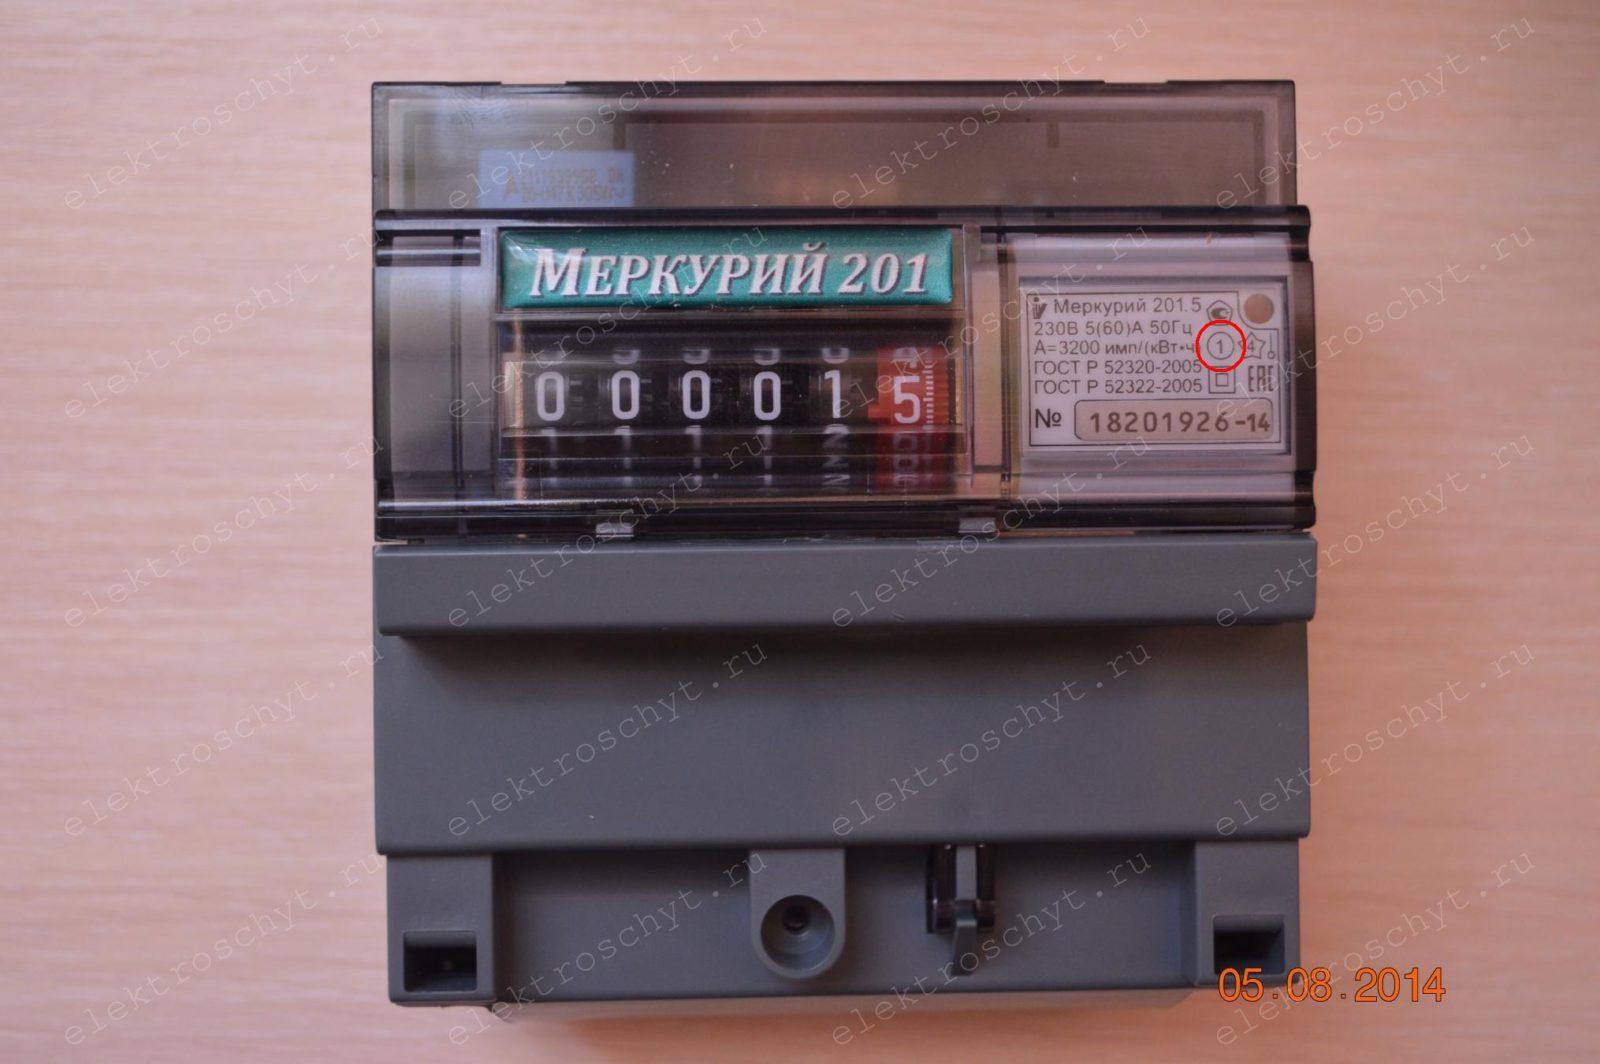 класс точности счетчик меркурий 201